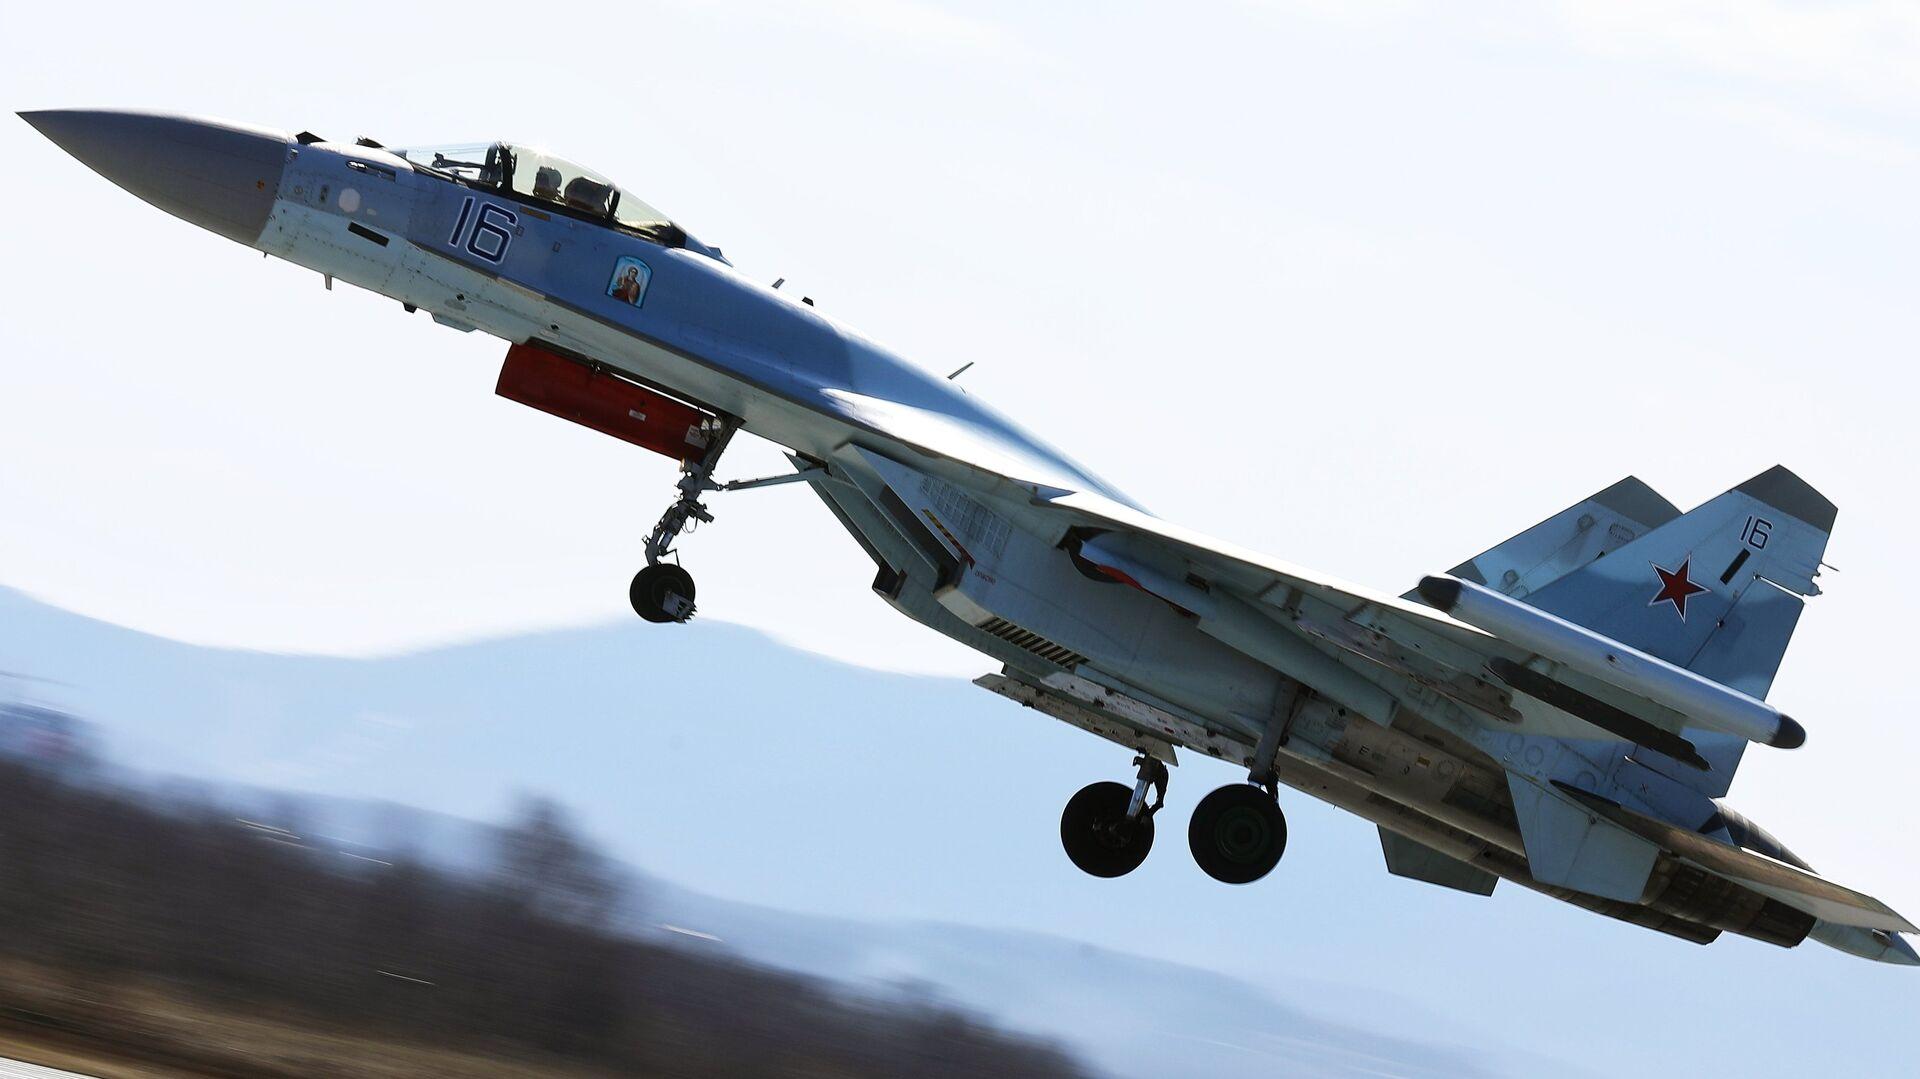 Истребитель Су-35 на соревнованиях военных летчиков Авиадартс-2018 в Приморье - РИА Новости, 1920, 13.08.2019